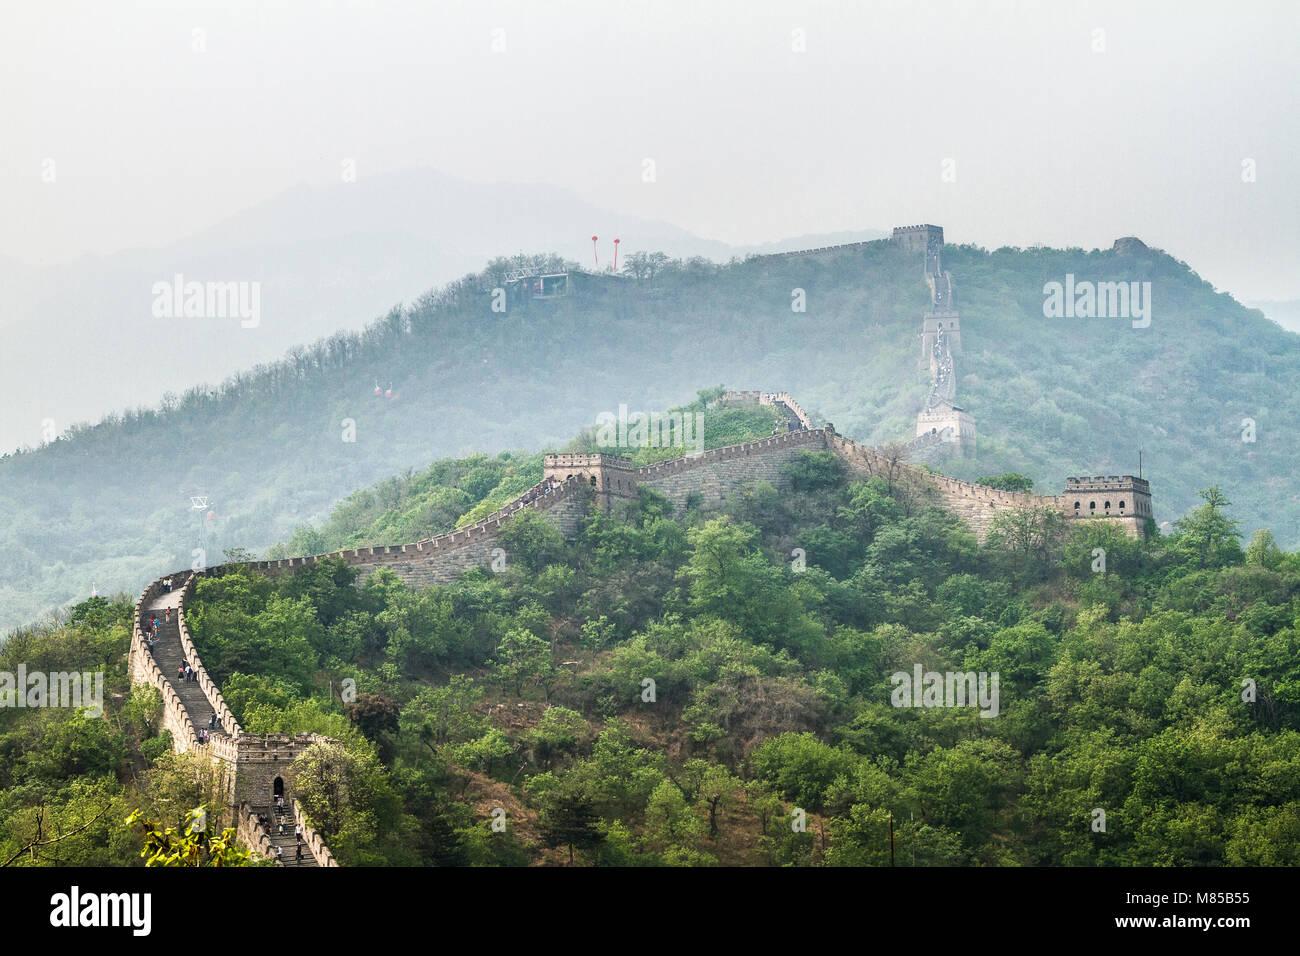 China, Great Wall of China, Mutianyu - Stock Image